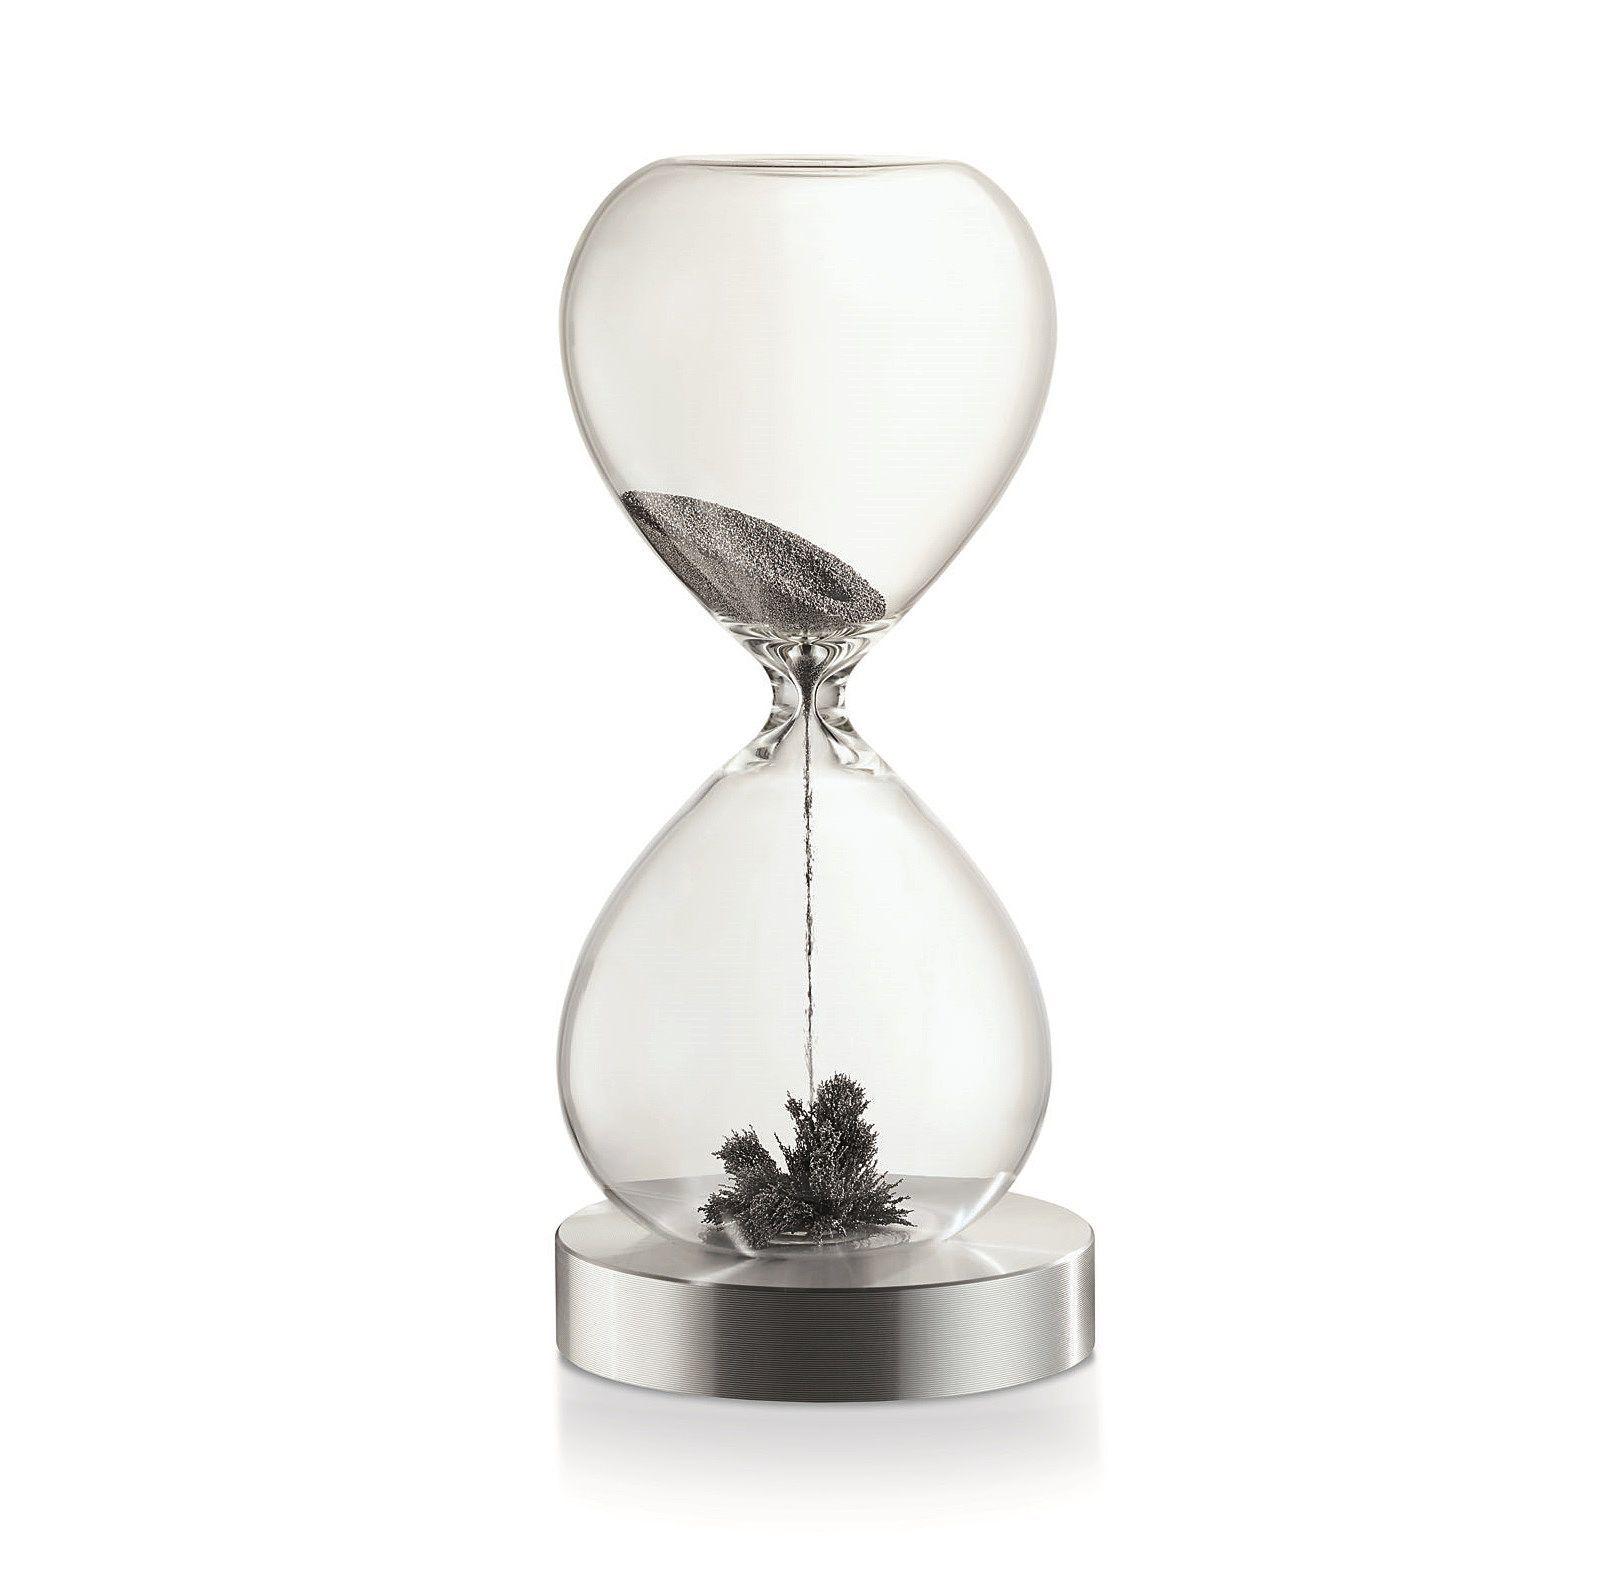 Přesýpací hodiny LALA, 16 cm - PHILIPPI